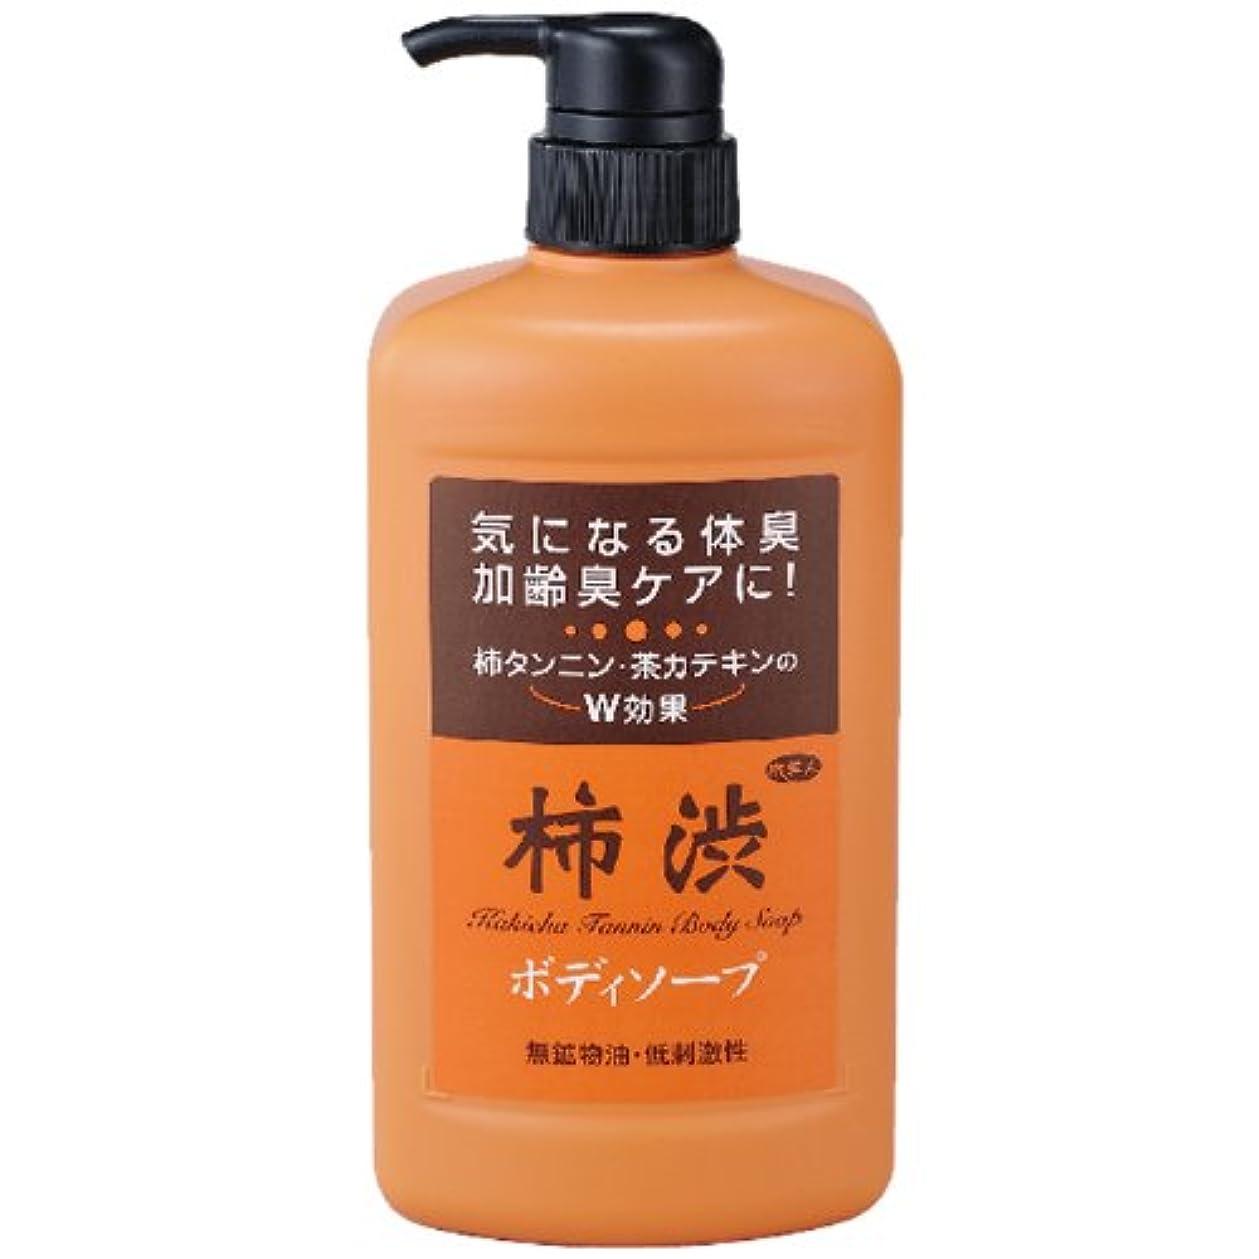 時期尚早ペフ医薬アズマ商事の 柿渋ボディソープ850ml